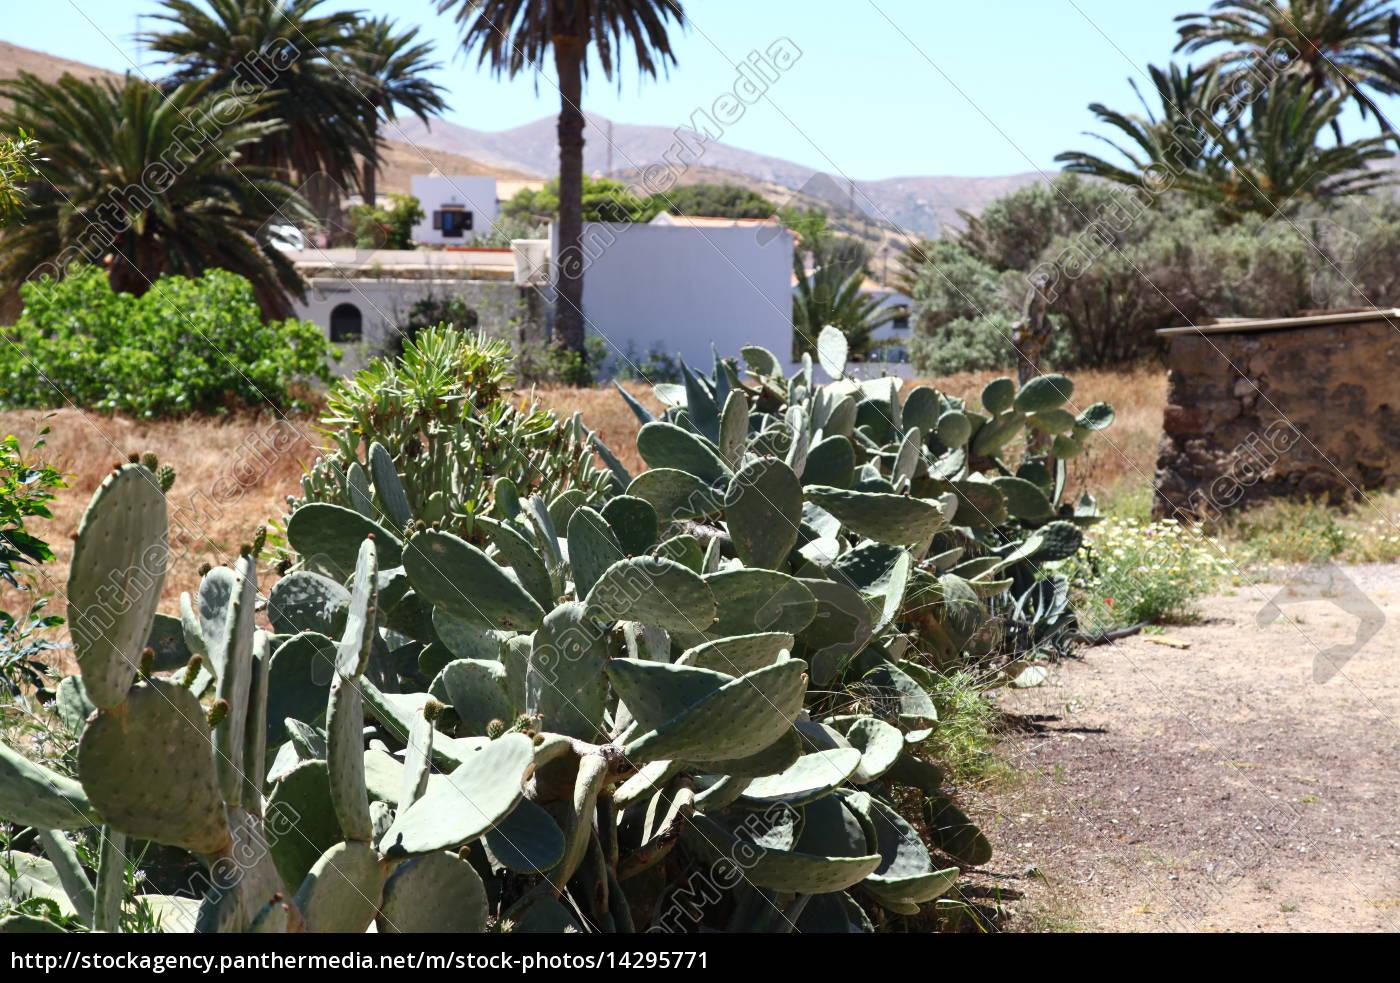 Kaktus, Kakteen, Fuerteventur, Pflanze, Pflanzen, Dornen - 14295771